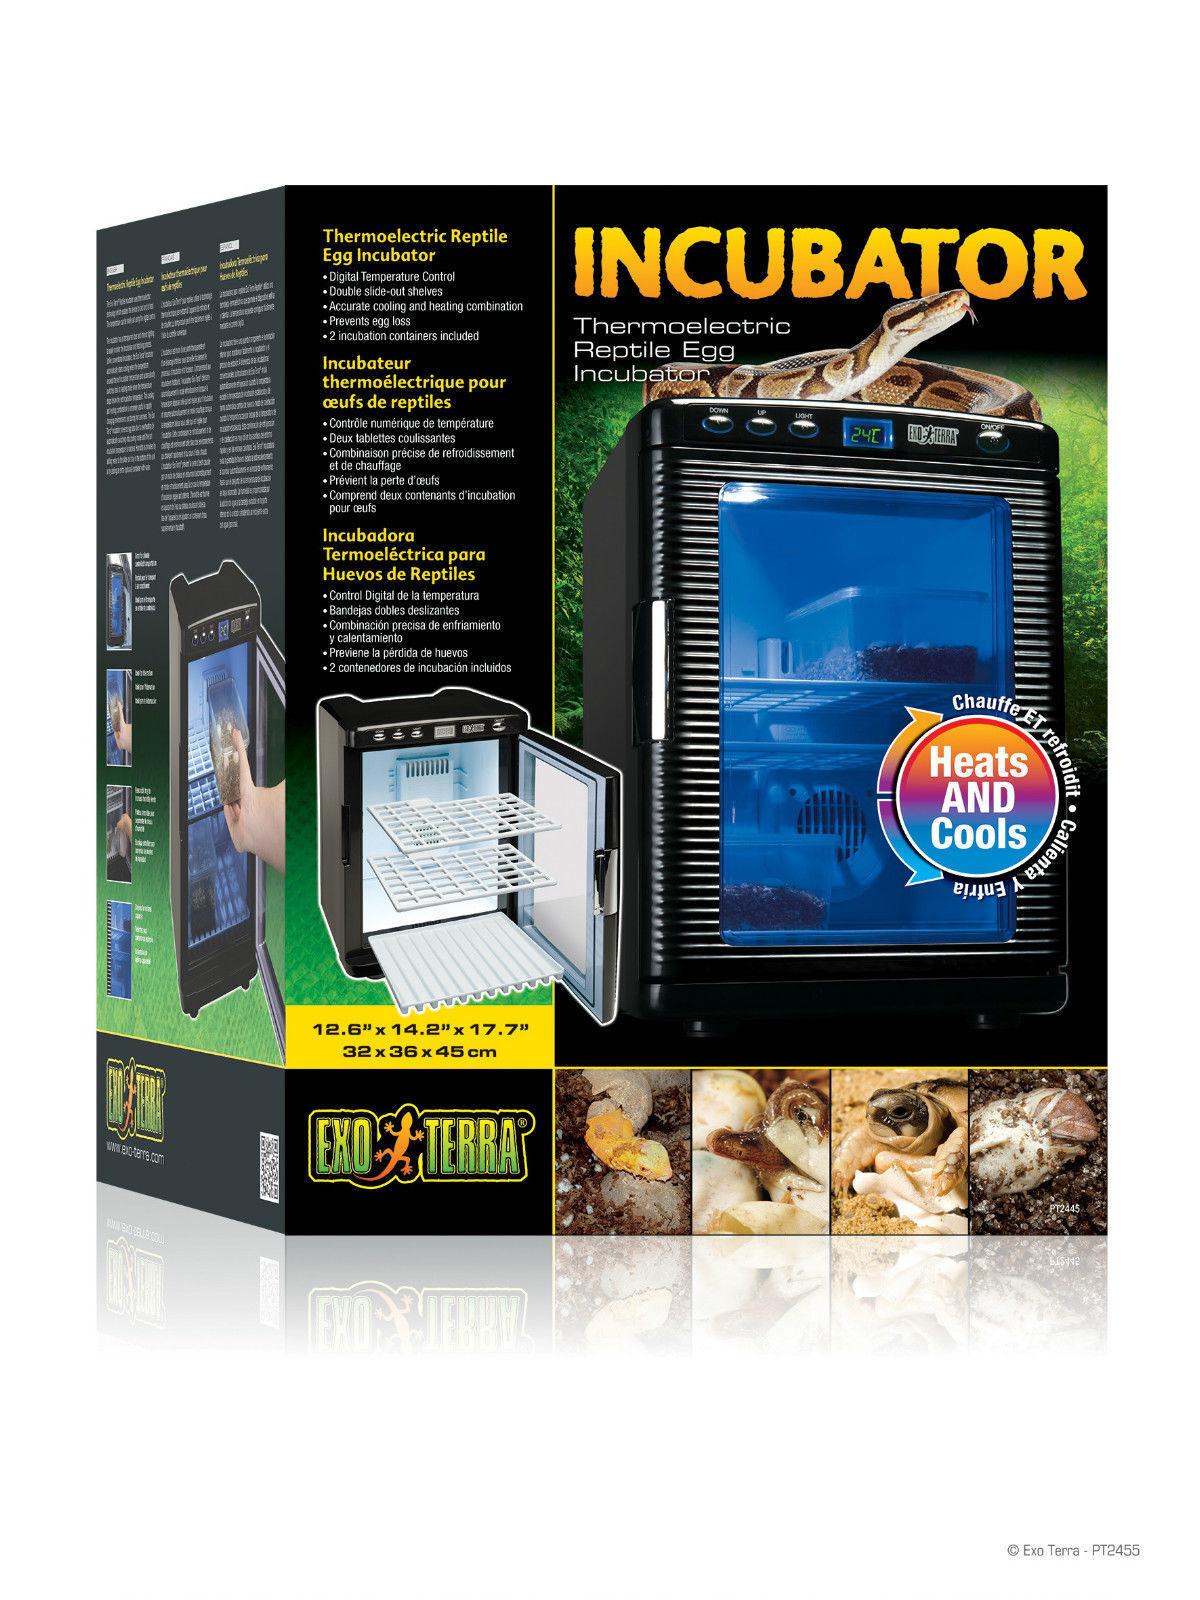 prendiamo i clienti come nostro dio EXO terra rettile uovo incubatore incubatore incubatore Thermoelectric DIGITALE LED LIZARD Serpente pt2445  autorizzazione ufficiale